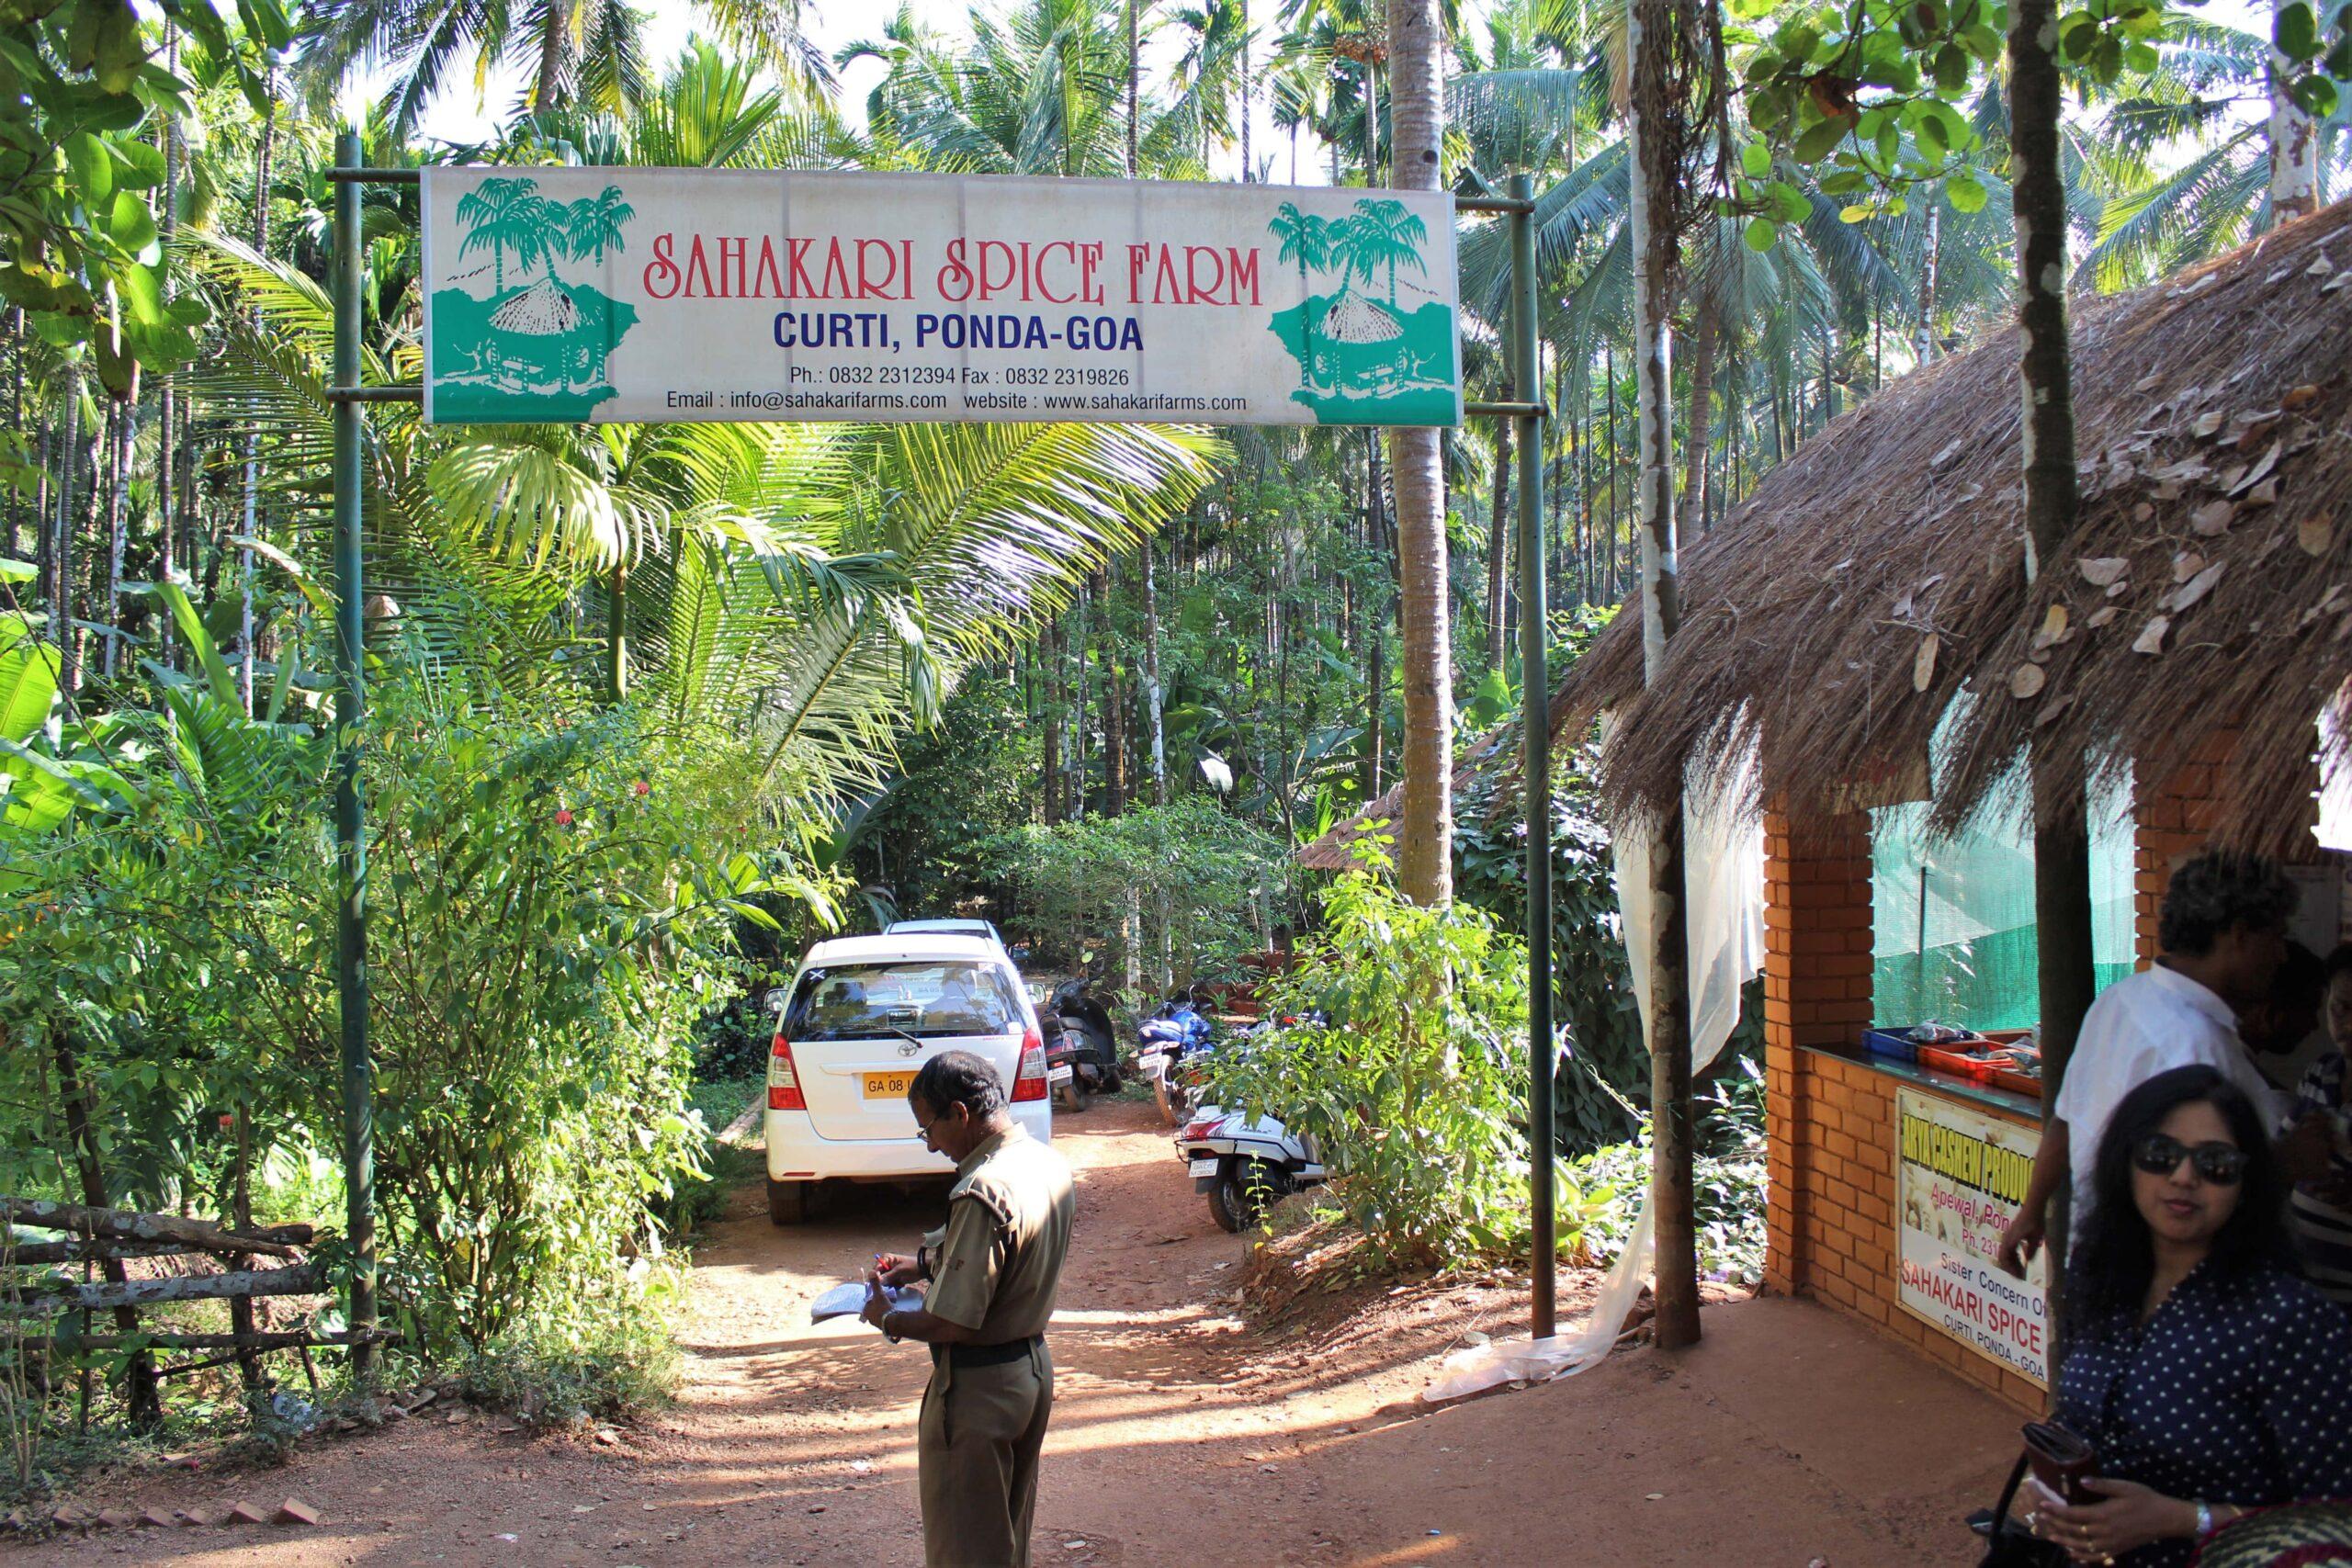 Sahakari Spice Farm